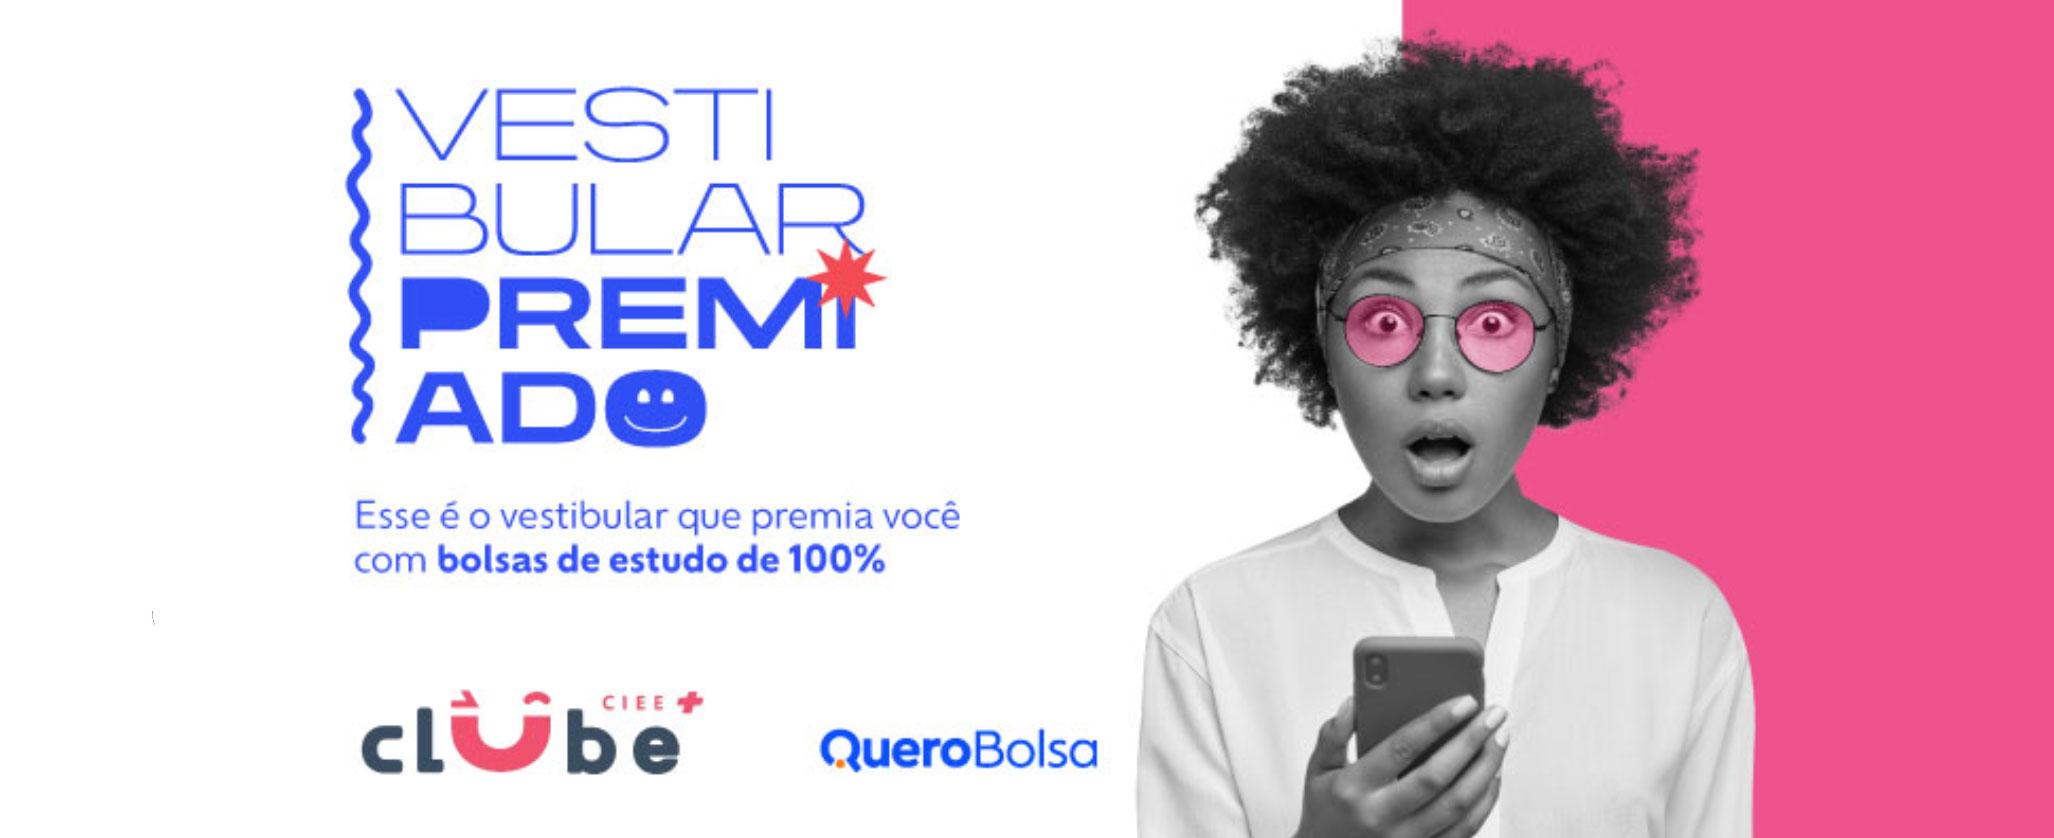 Vestibular Premiado - Esse é o vestibular que premia você com bolsas de estudo de 100%. Clube CIEE+. Quero Bolsa.